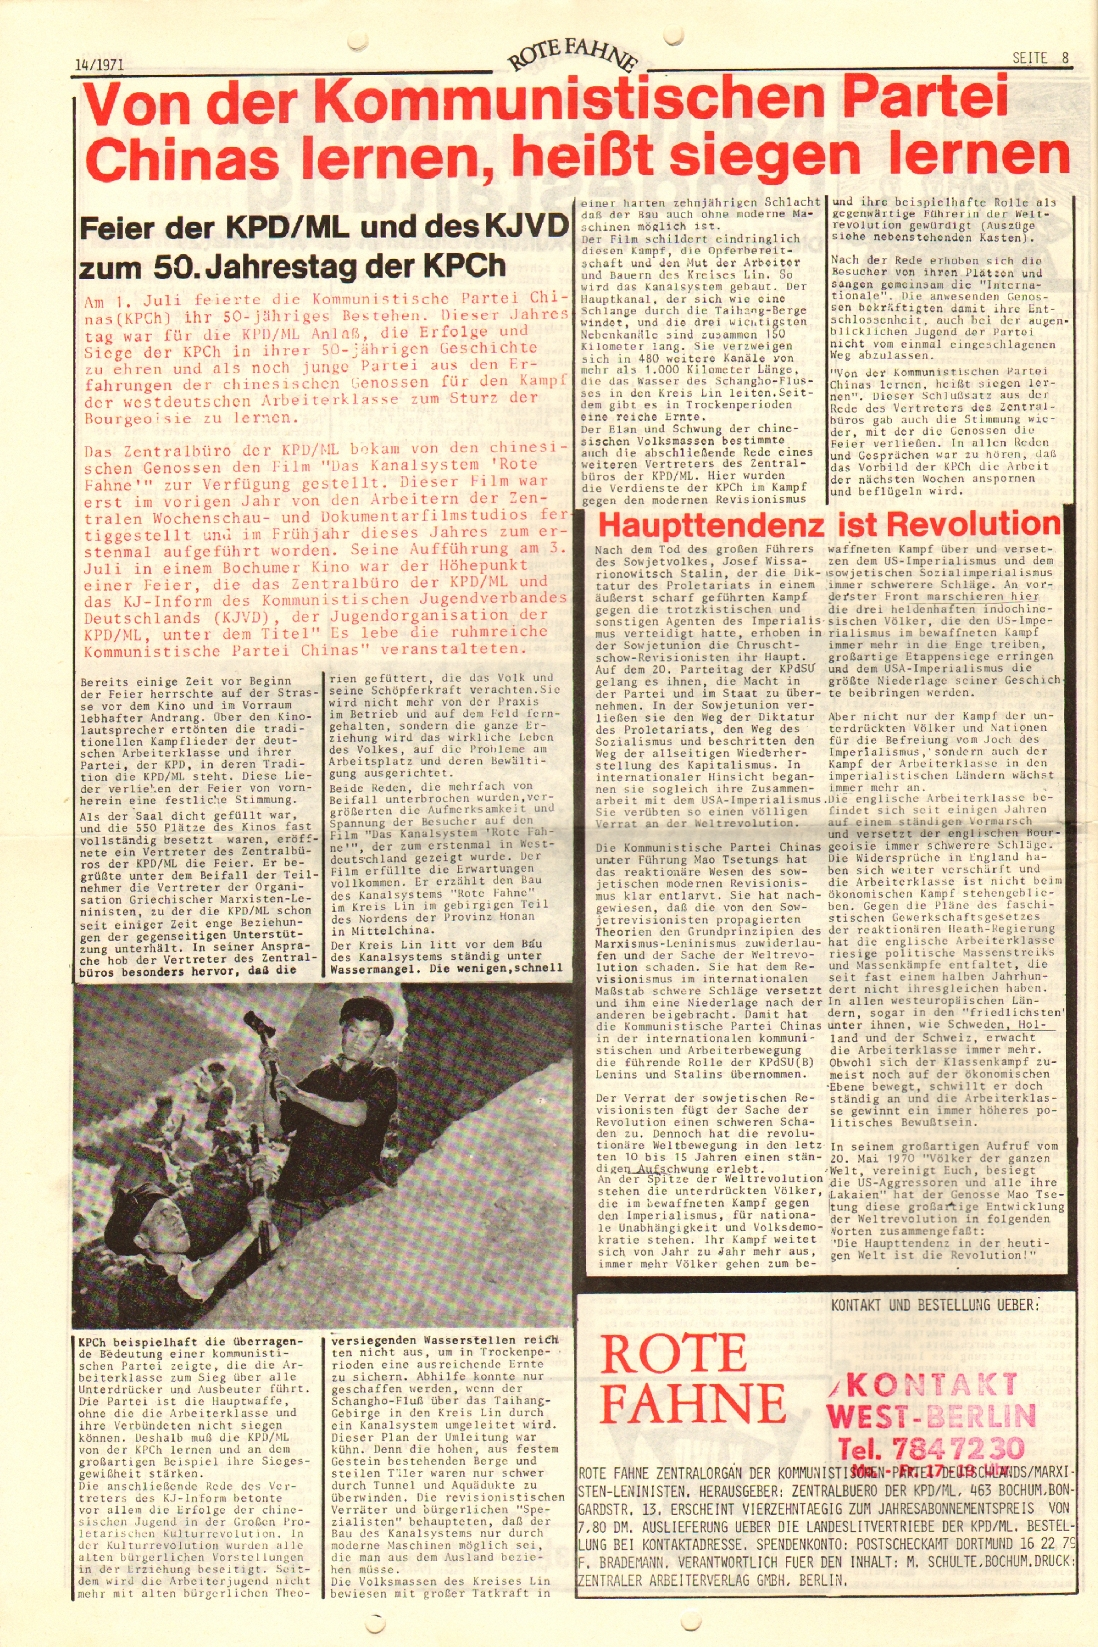 Rote Fahne, 2. Jg., 19.7.1971, Nr. 14, Seite 8